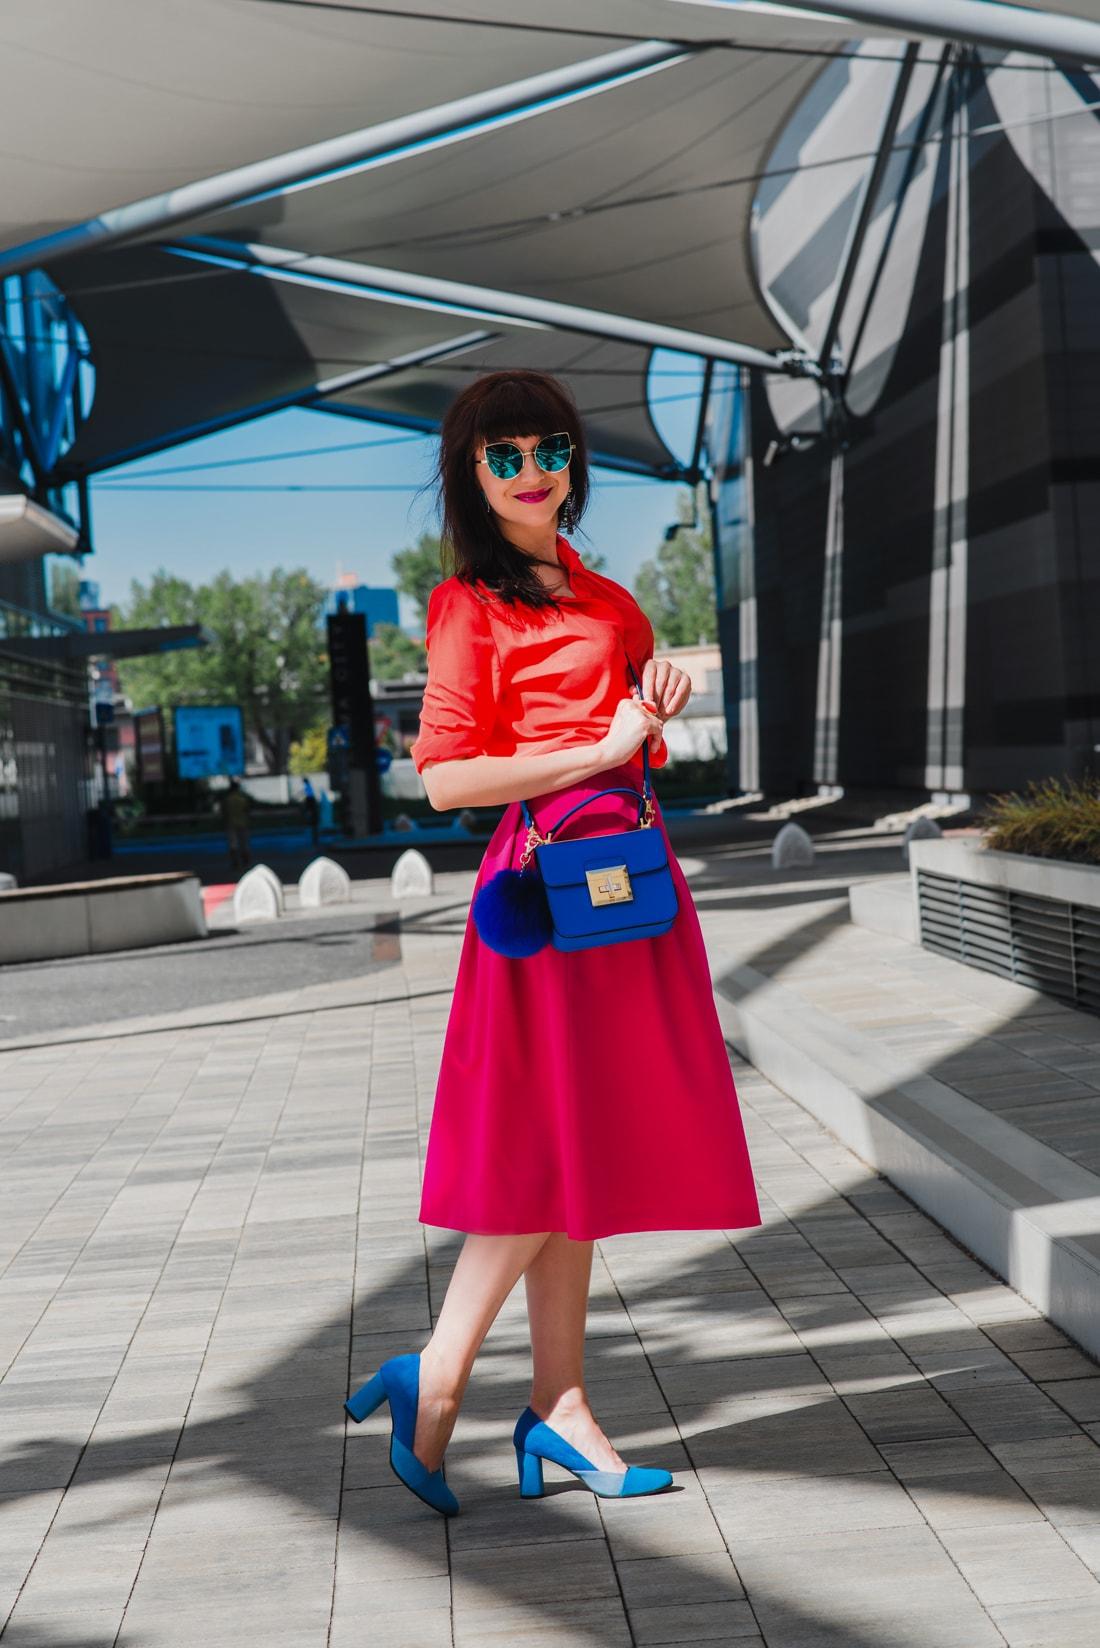 BLOGOVANIE - KDE JE SPRÁVNA HRANICA MEDZI ONLINE A OFFLINE SVETOM?_Katharine-fashion is beautiful_blog 2_Panorama city_Ružová sukňa Topankovo_Modrá kabelka Aldo_Katarína Jakubčová_Fashion blogerka